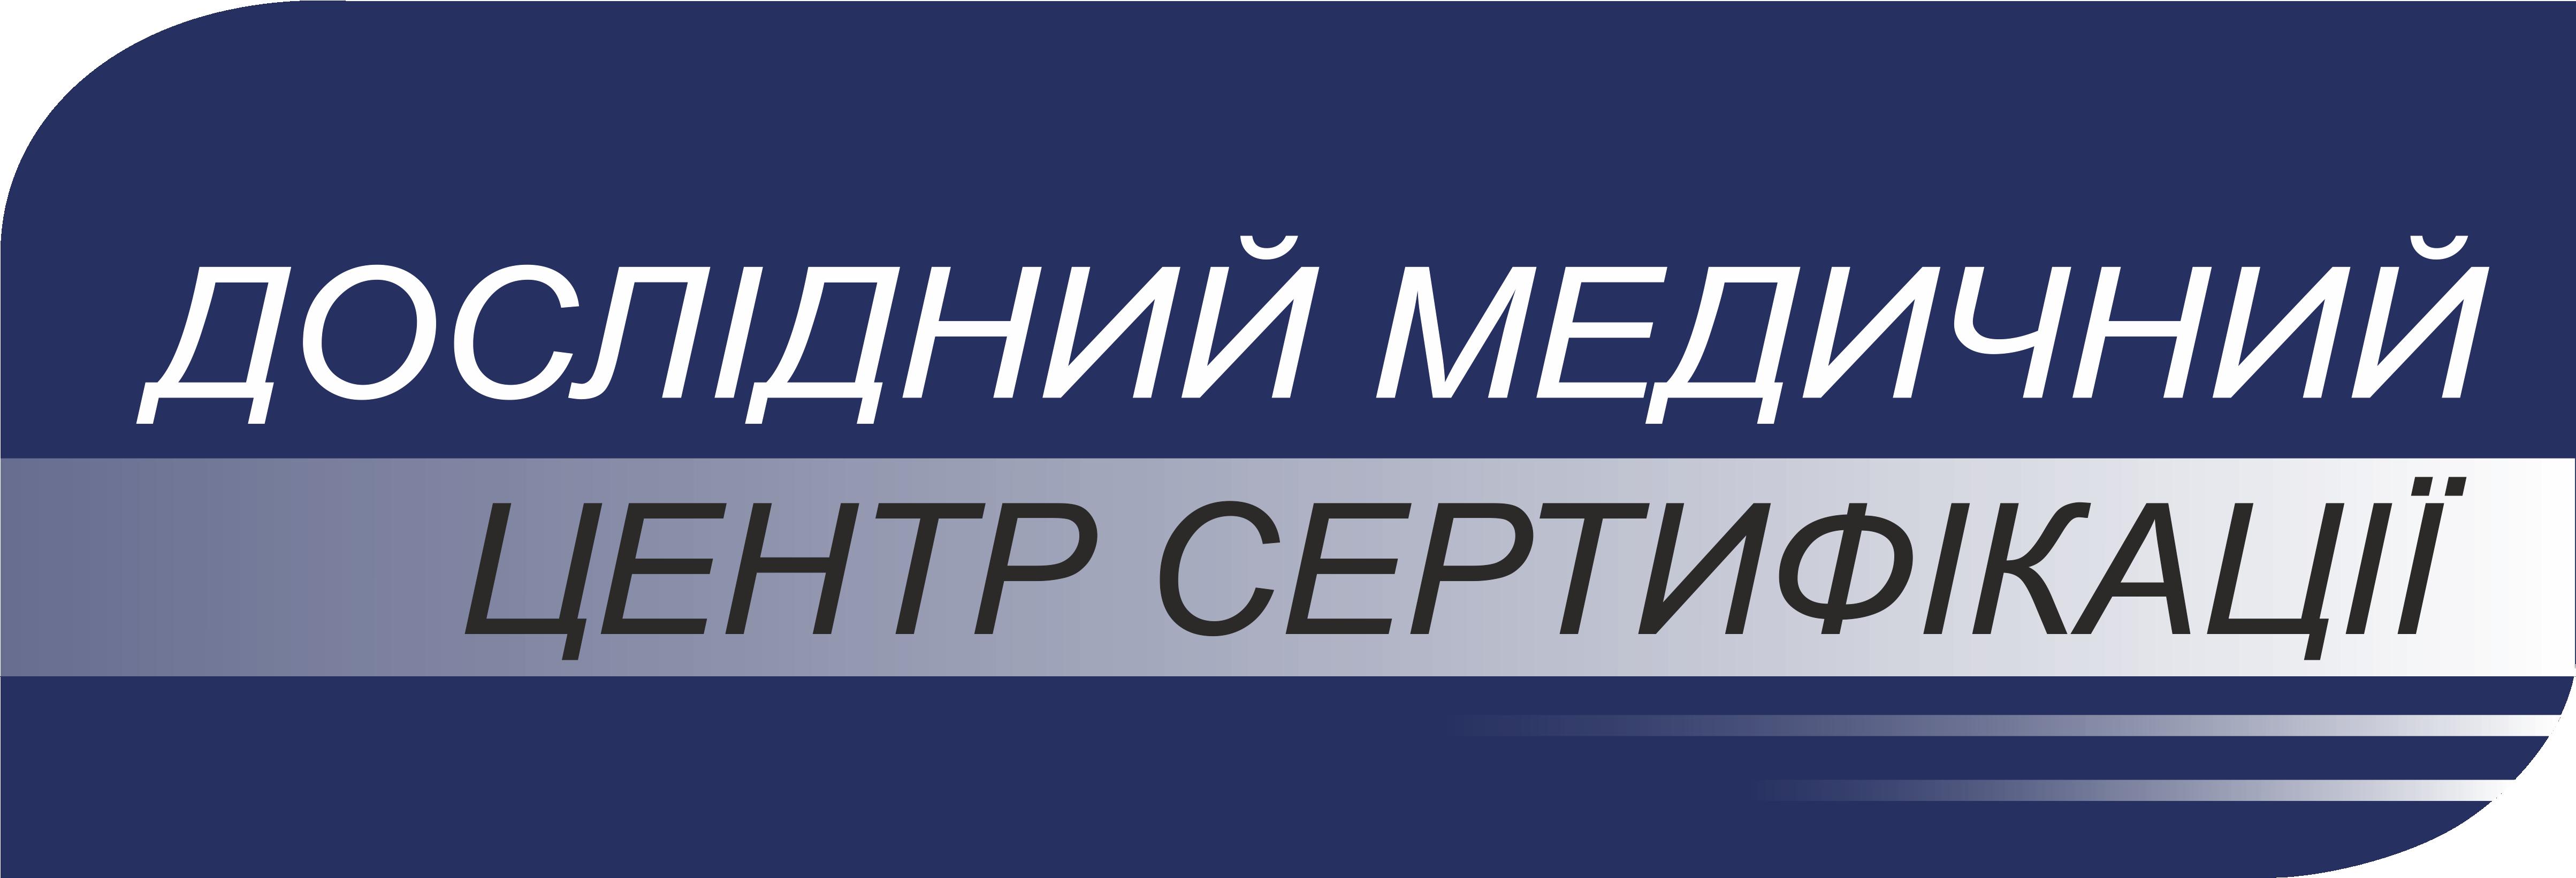 Дослідний медичний центр сертифікації